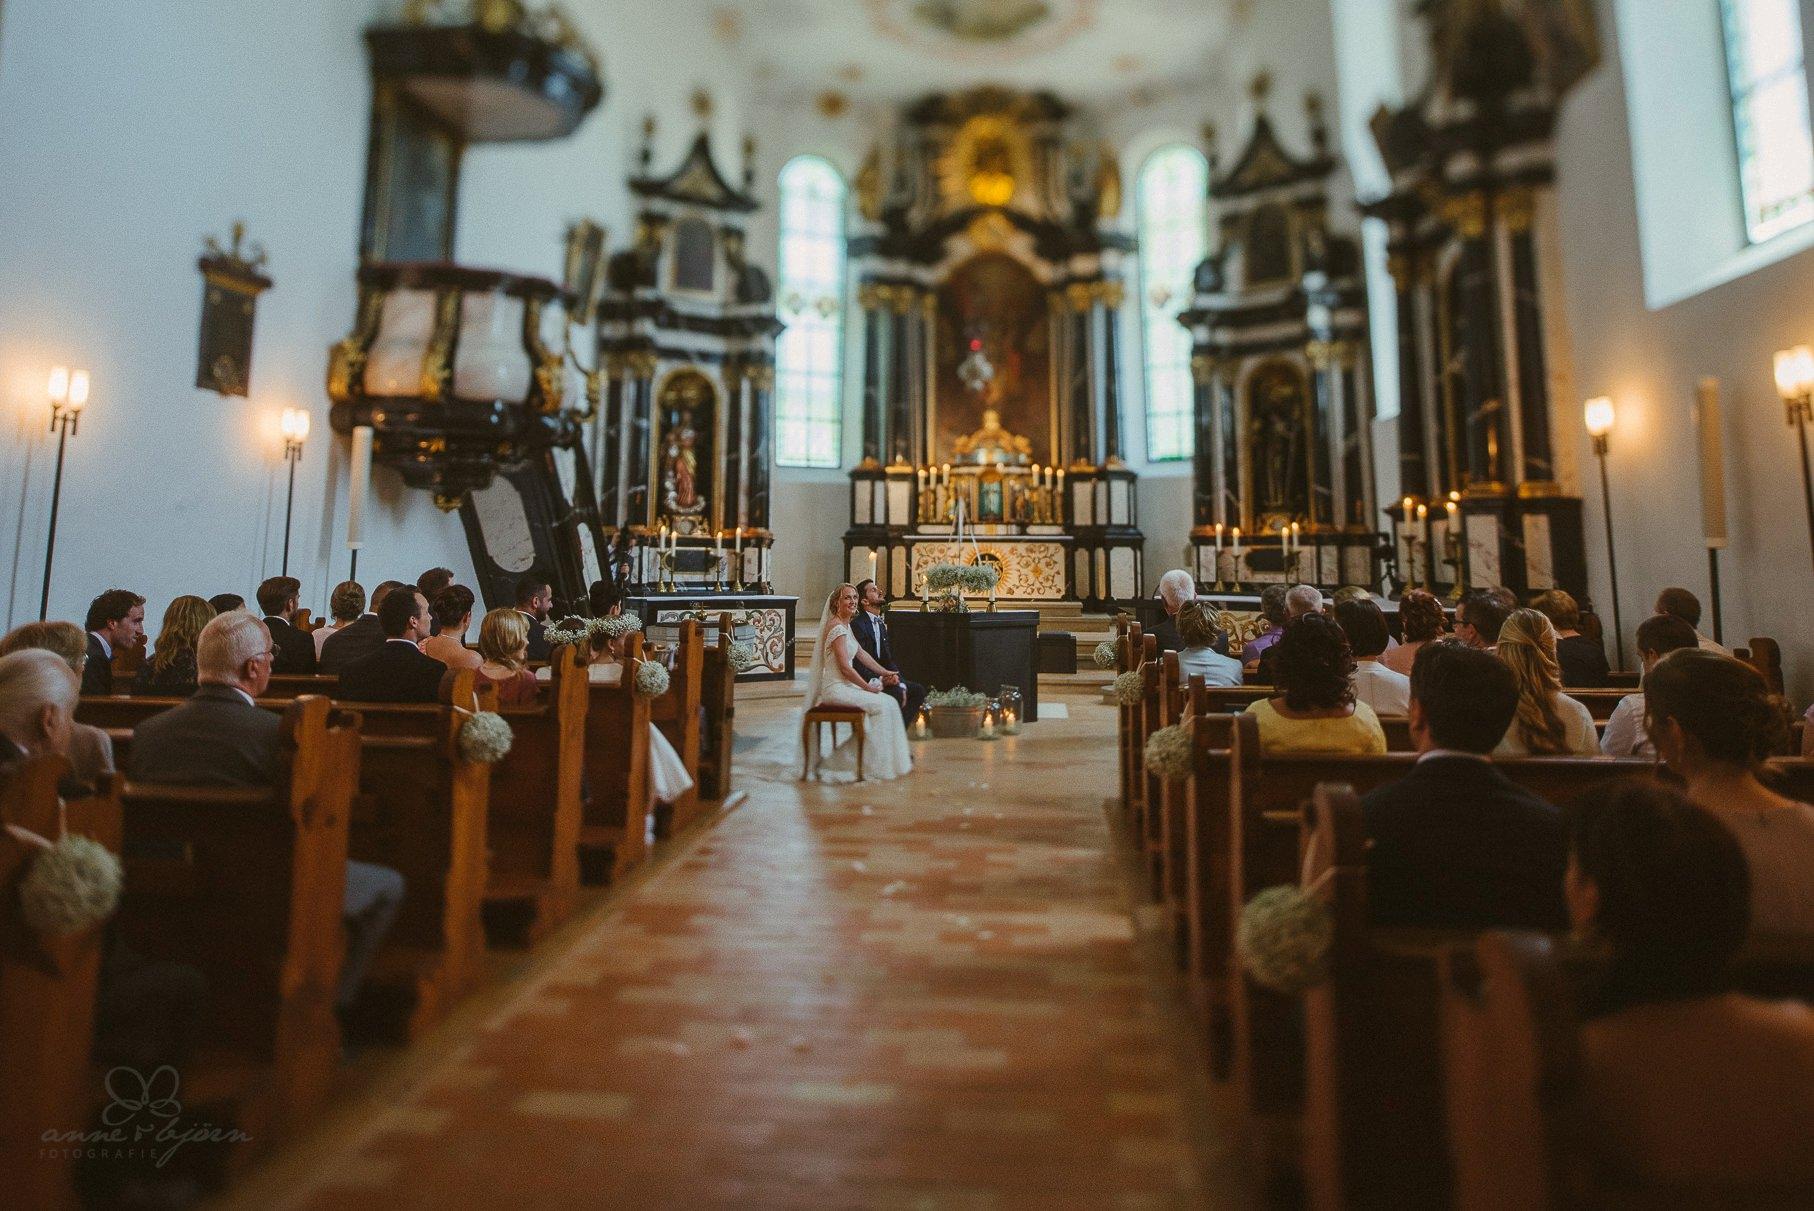 0042 anne und bjoern hochzeit schweiz d75 0014 - DIY Hochzeit in der Schweiz - Sabrina & Christoph